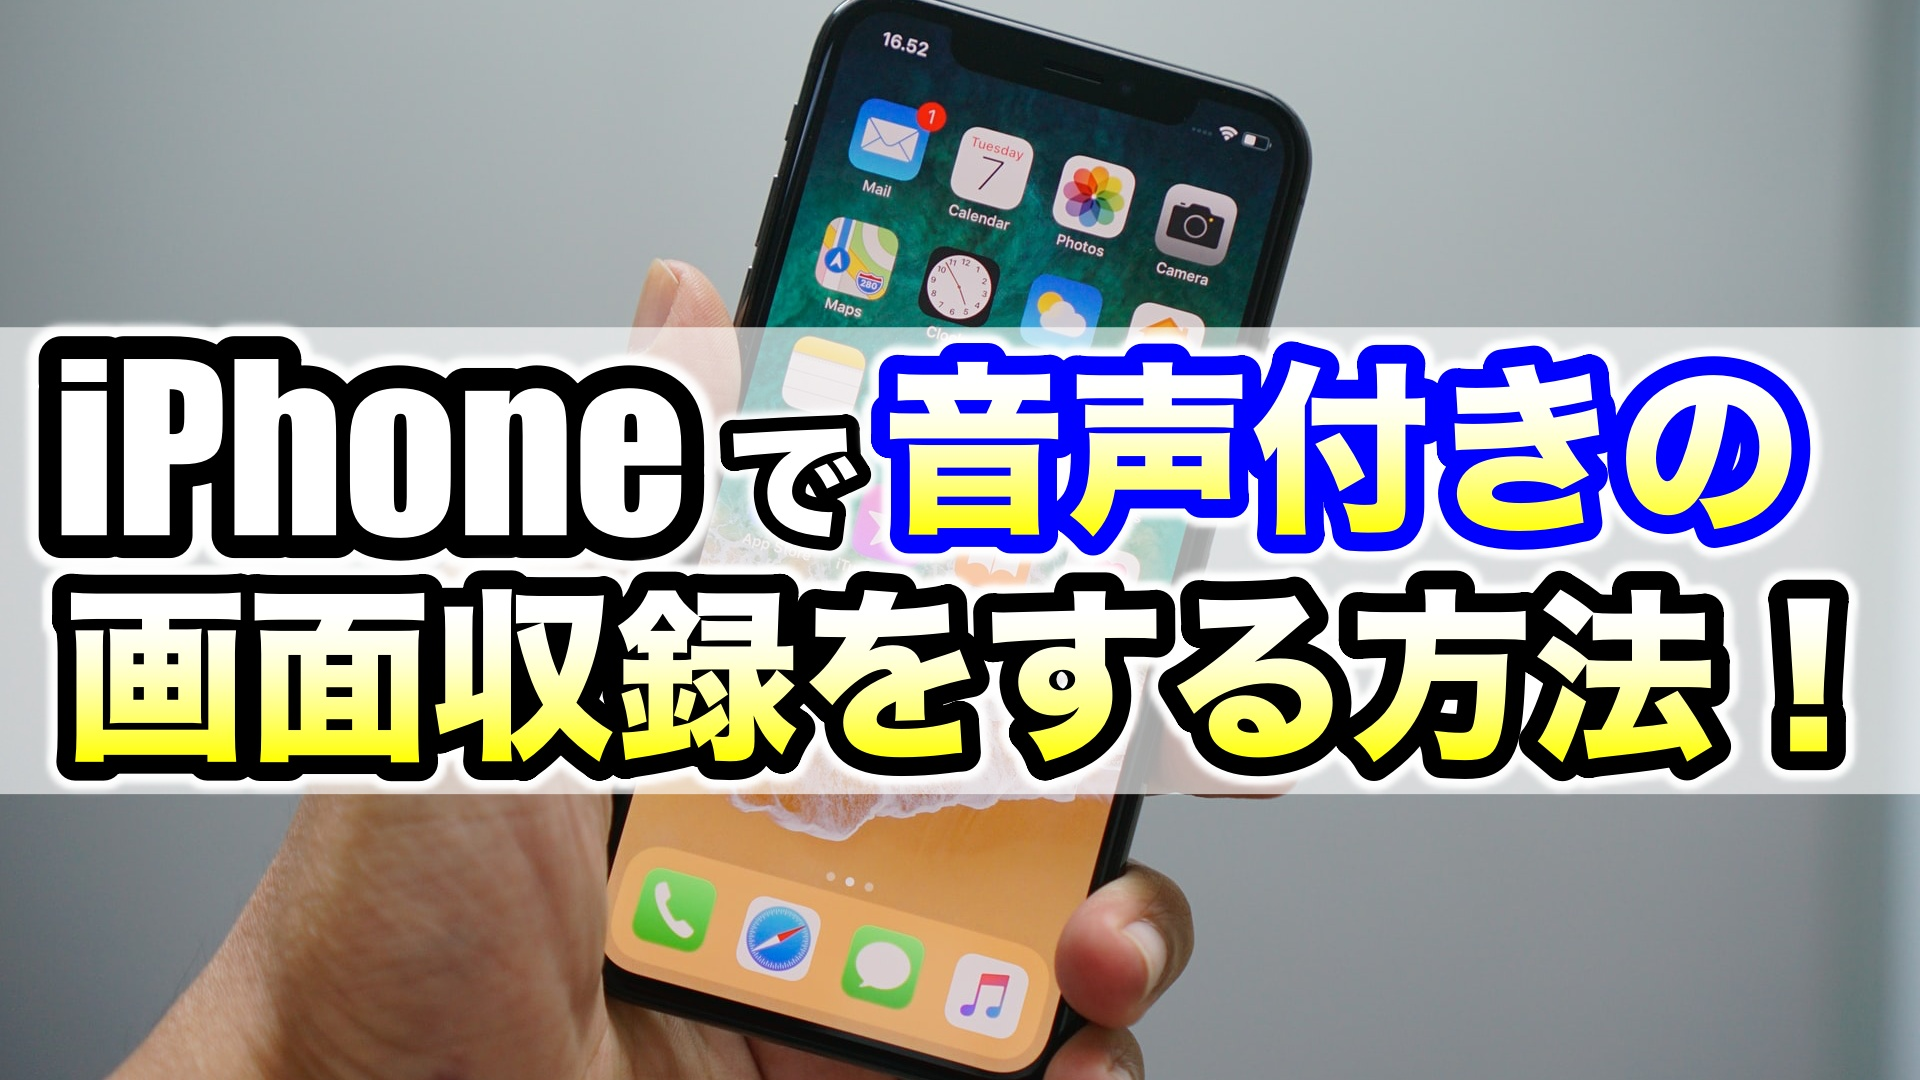 iPhoneで画面収録(スクリーンキャプチャ)を音声付きでする方法!